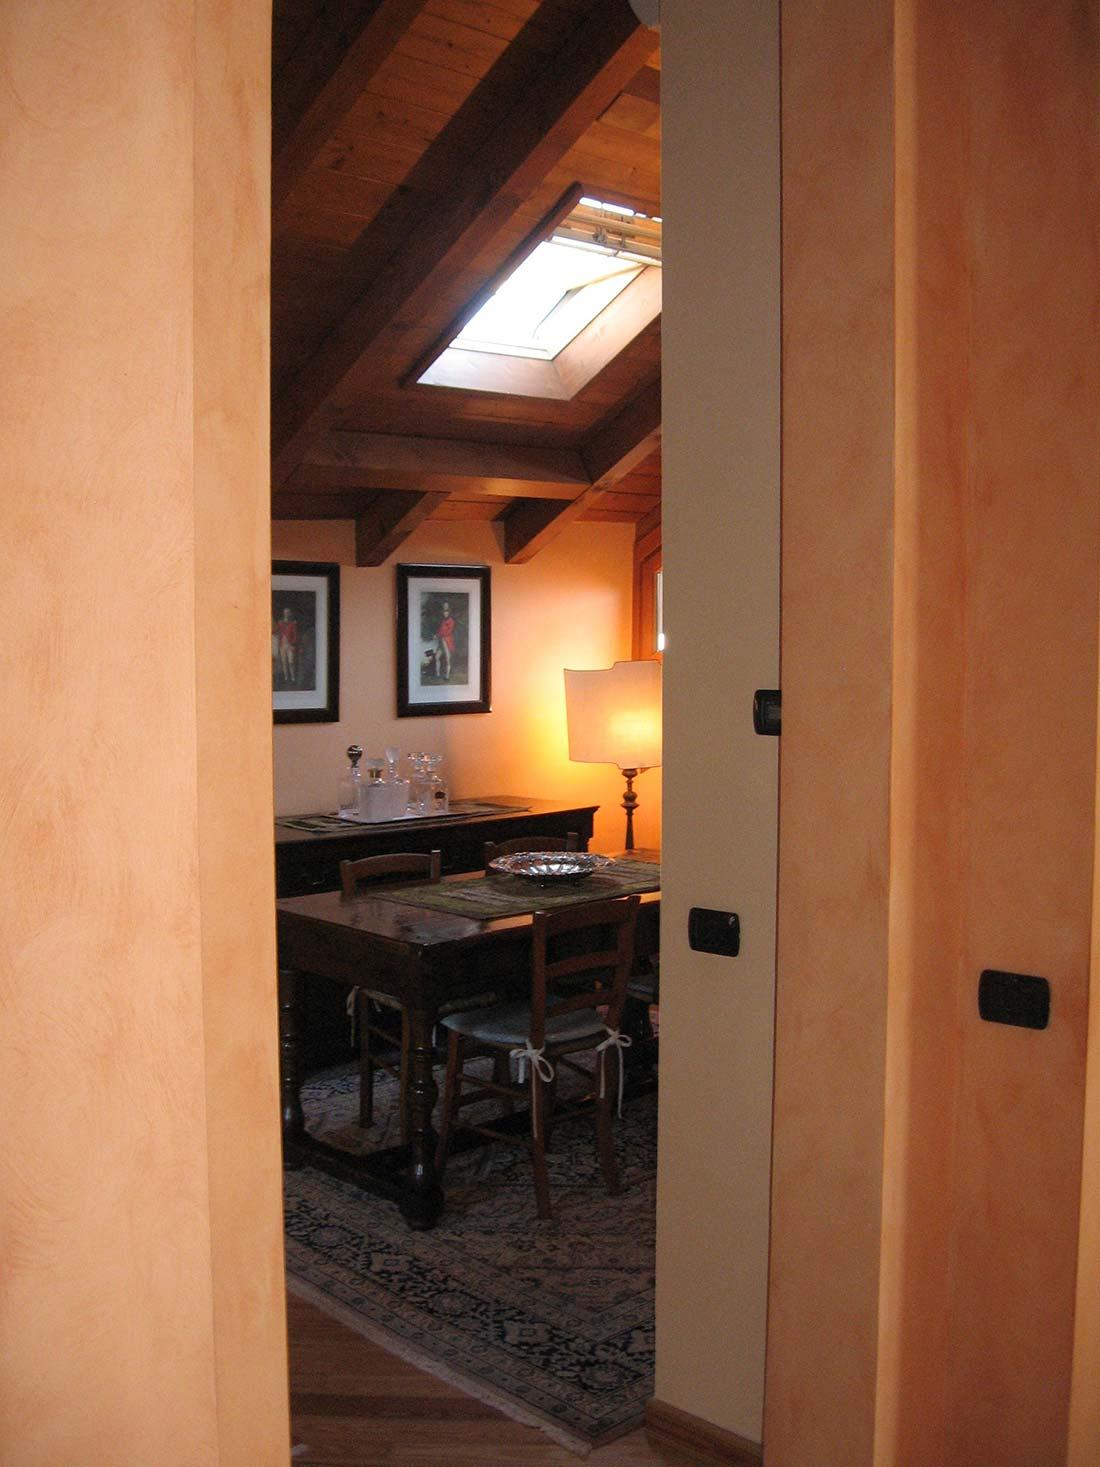 Esempio arredamento interni monza cardin design for Arredamento interni